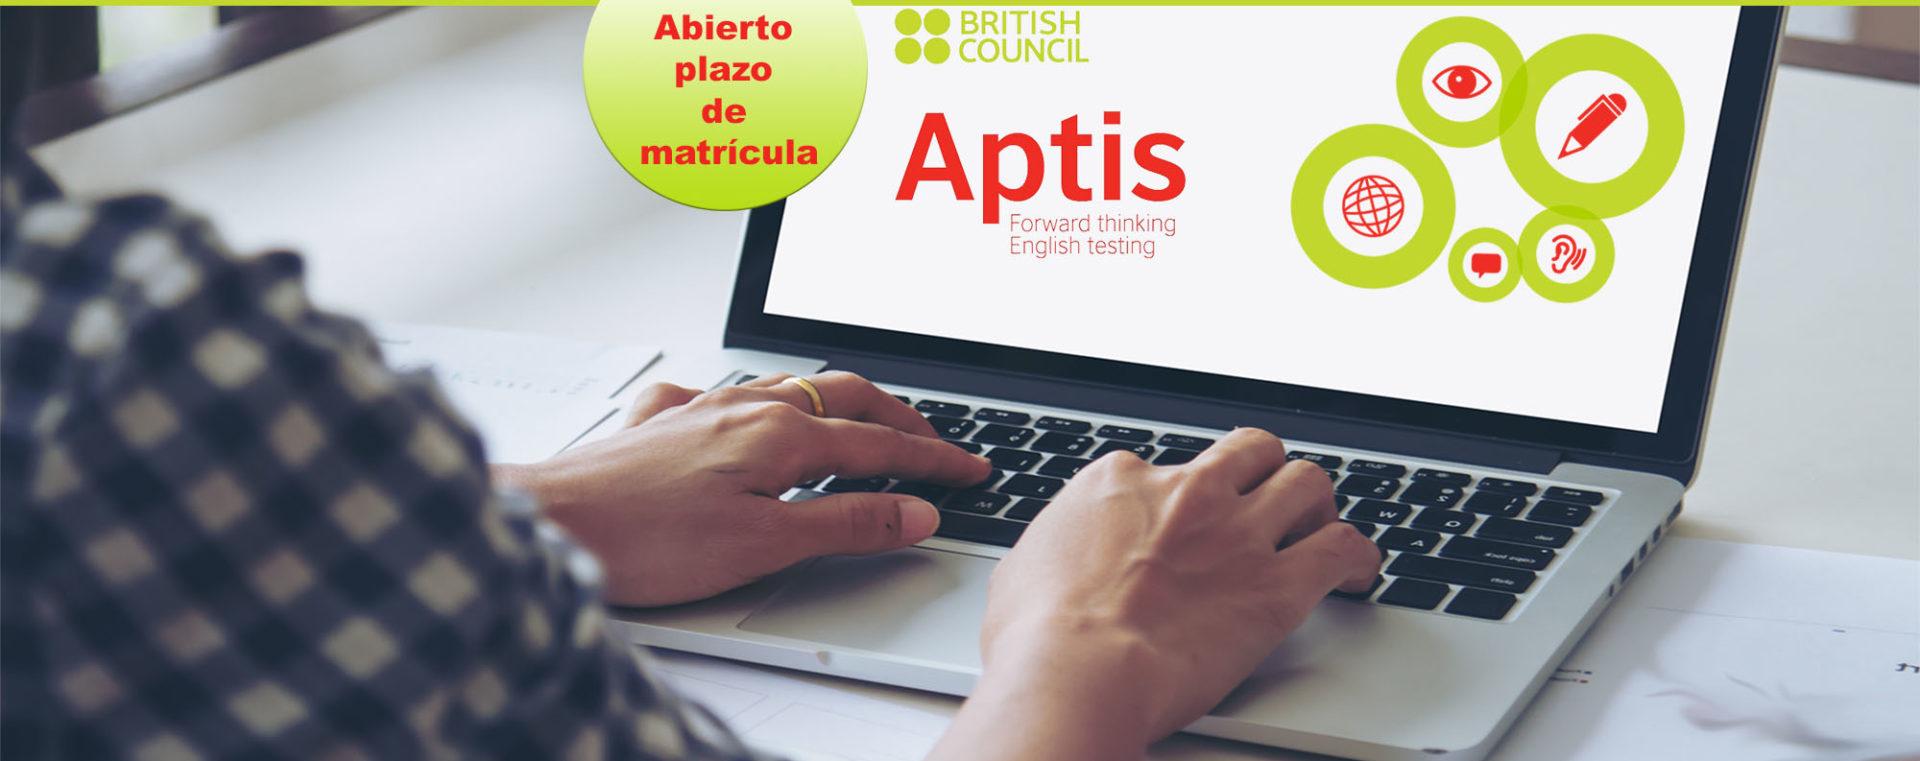 Academia CEVI te ofrece la mayor oferta de plazas APTIS para examinarte en Albacete